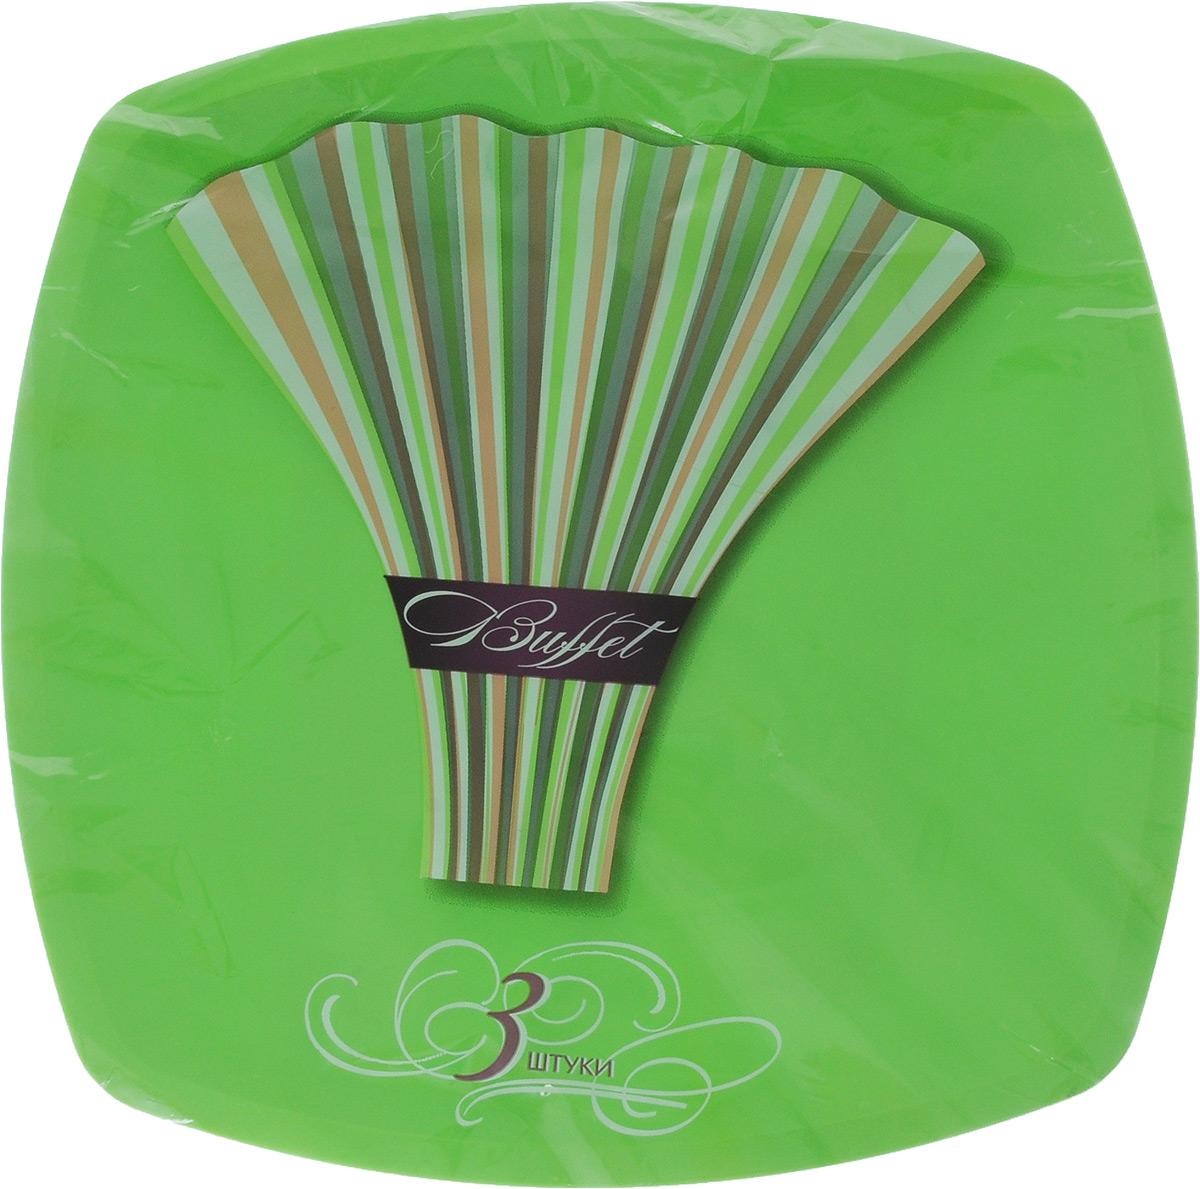 Набор одноразовых тарелок Buffet, цвет: зеленый, 30 х 30 см, 3 шт183207/_зеленыйНабор Buffet состоит из трех тарелок. Изделия, изготовленные из высококачественной полипропилена, сочетают в себе изысканный дизайн с максимальной функциональностью. Тарелки предназначены для холодных и горячих (до +70°С) продуктов. Такие тарелки незаменимы в поездках на природу и на пикниках.Размер тарелки: 30 х 30 см.Высота стенки: 1 см.